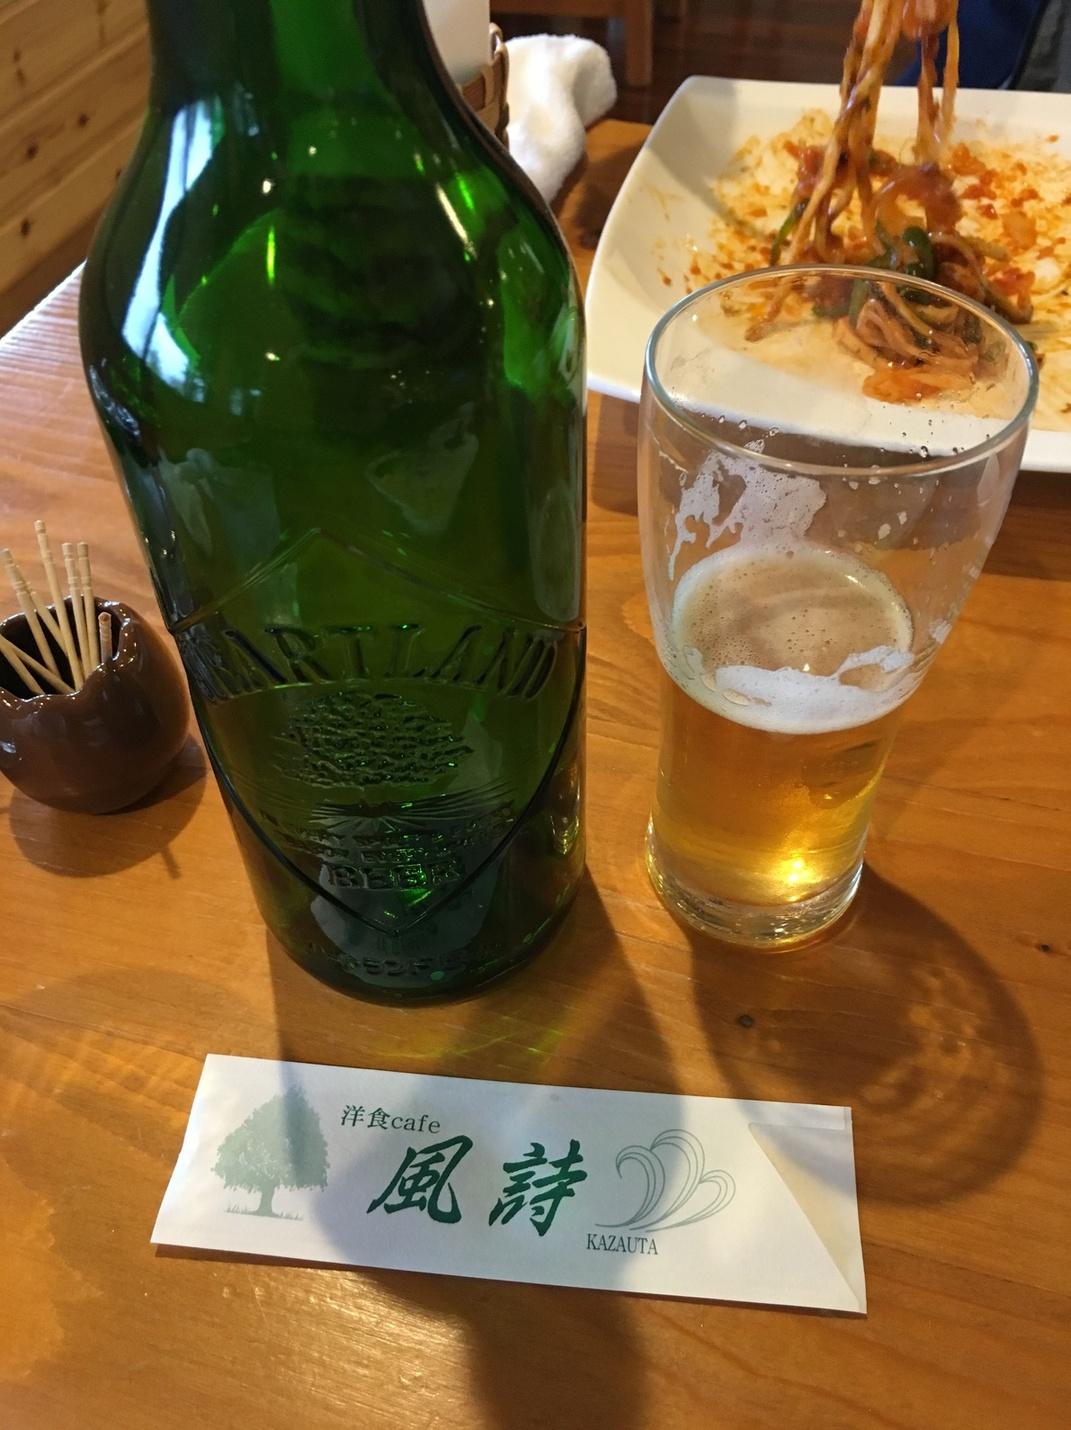 洋食 cafe 風詩